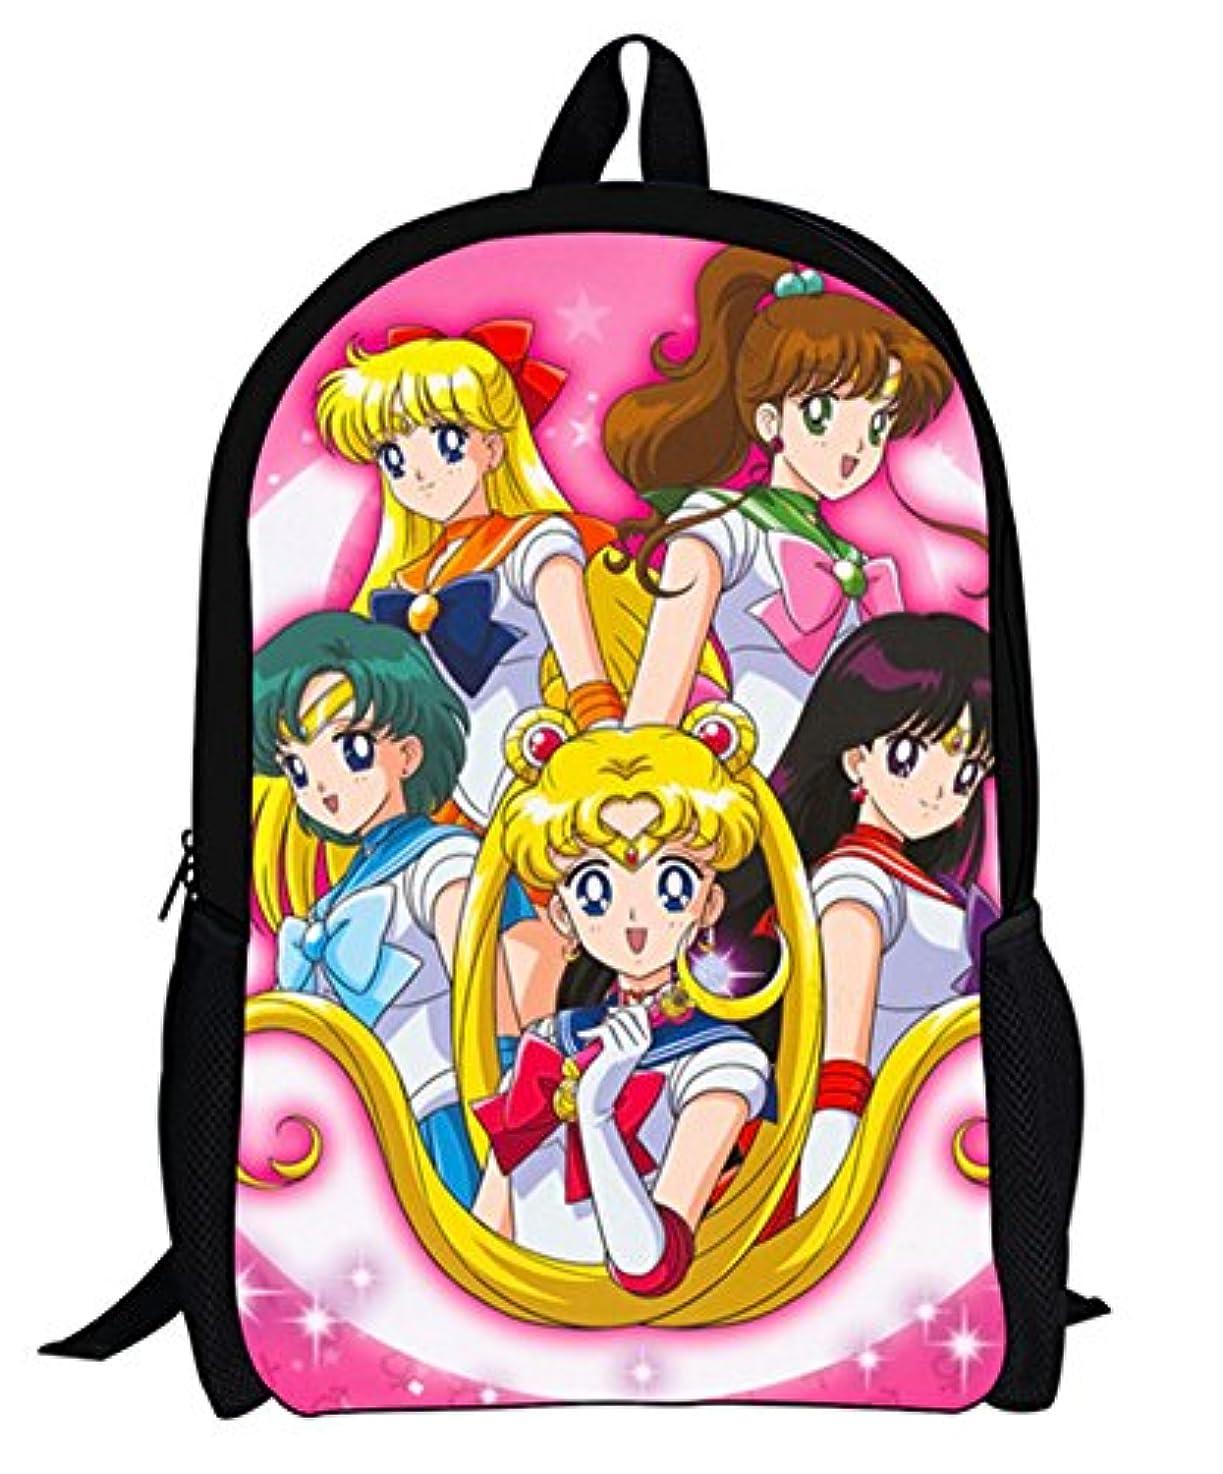 ミュウミュウボイコット間YOYOSHome AnimeセーラームーンCosplayバックパックスクールバッグ